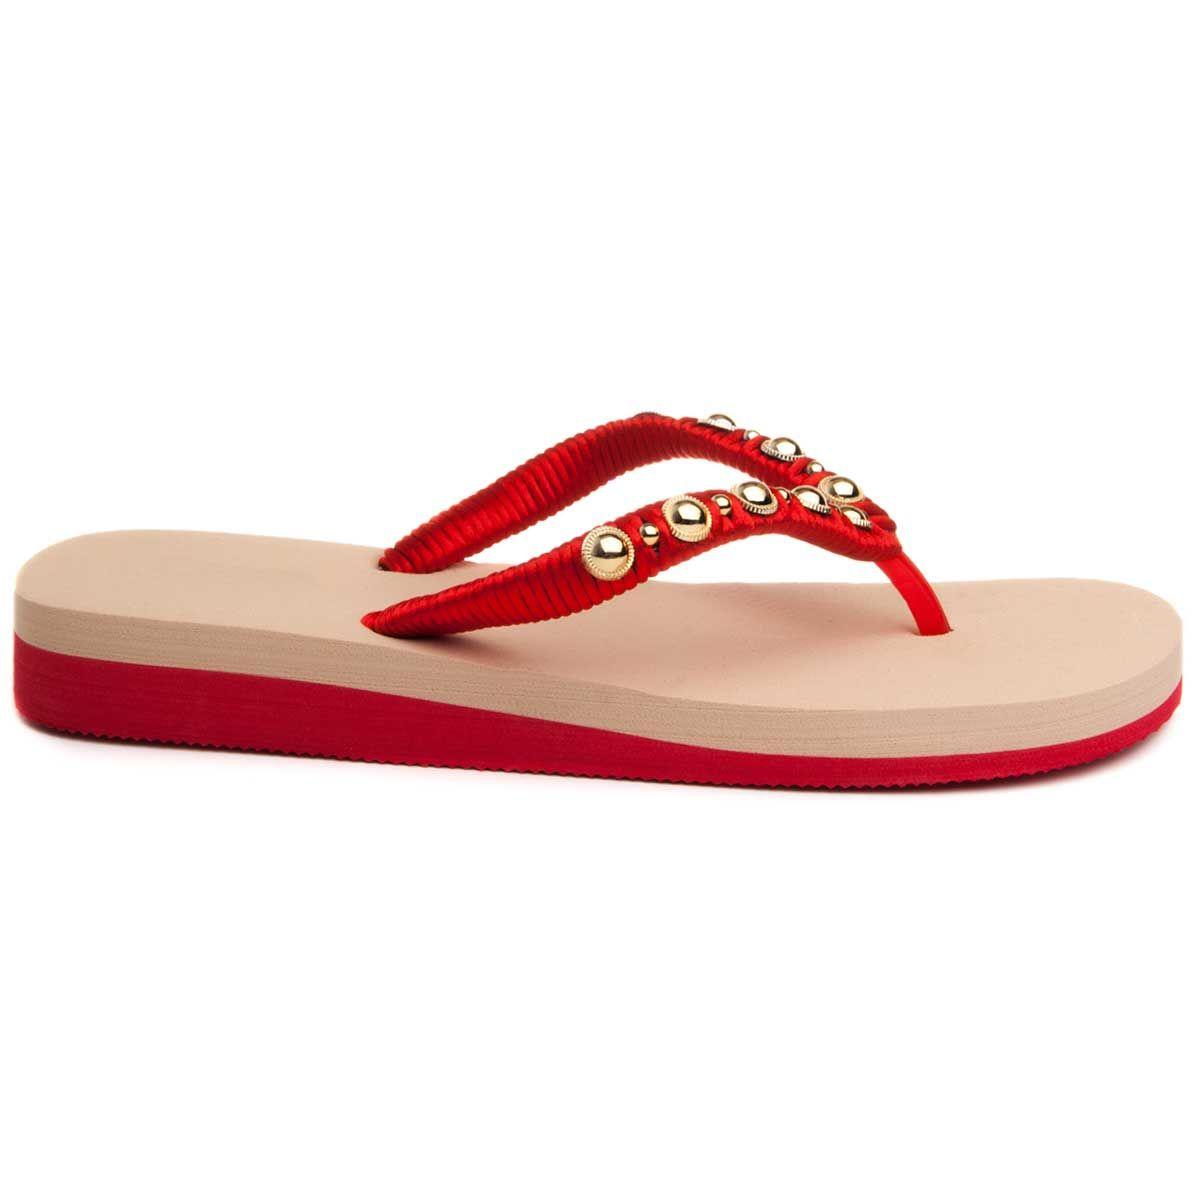 Montevita Flip Flop in Red